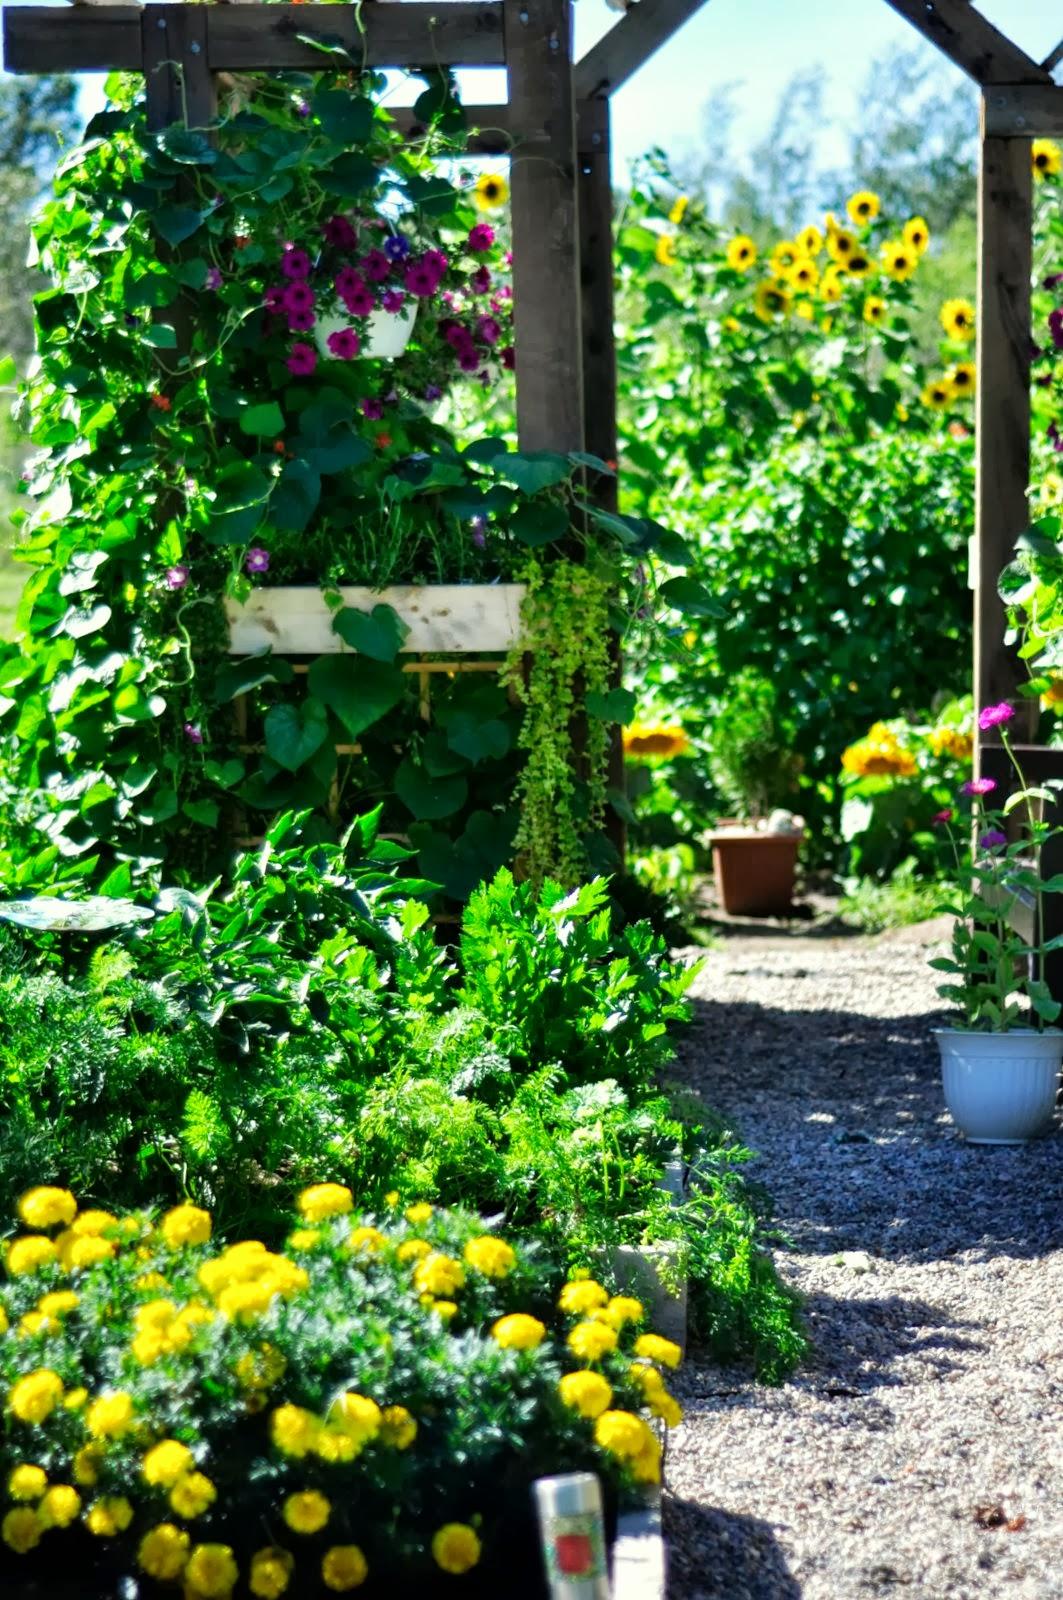 La joie d'apprendre!: .:Dans notre jardin cette semaine:.